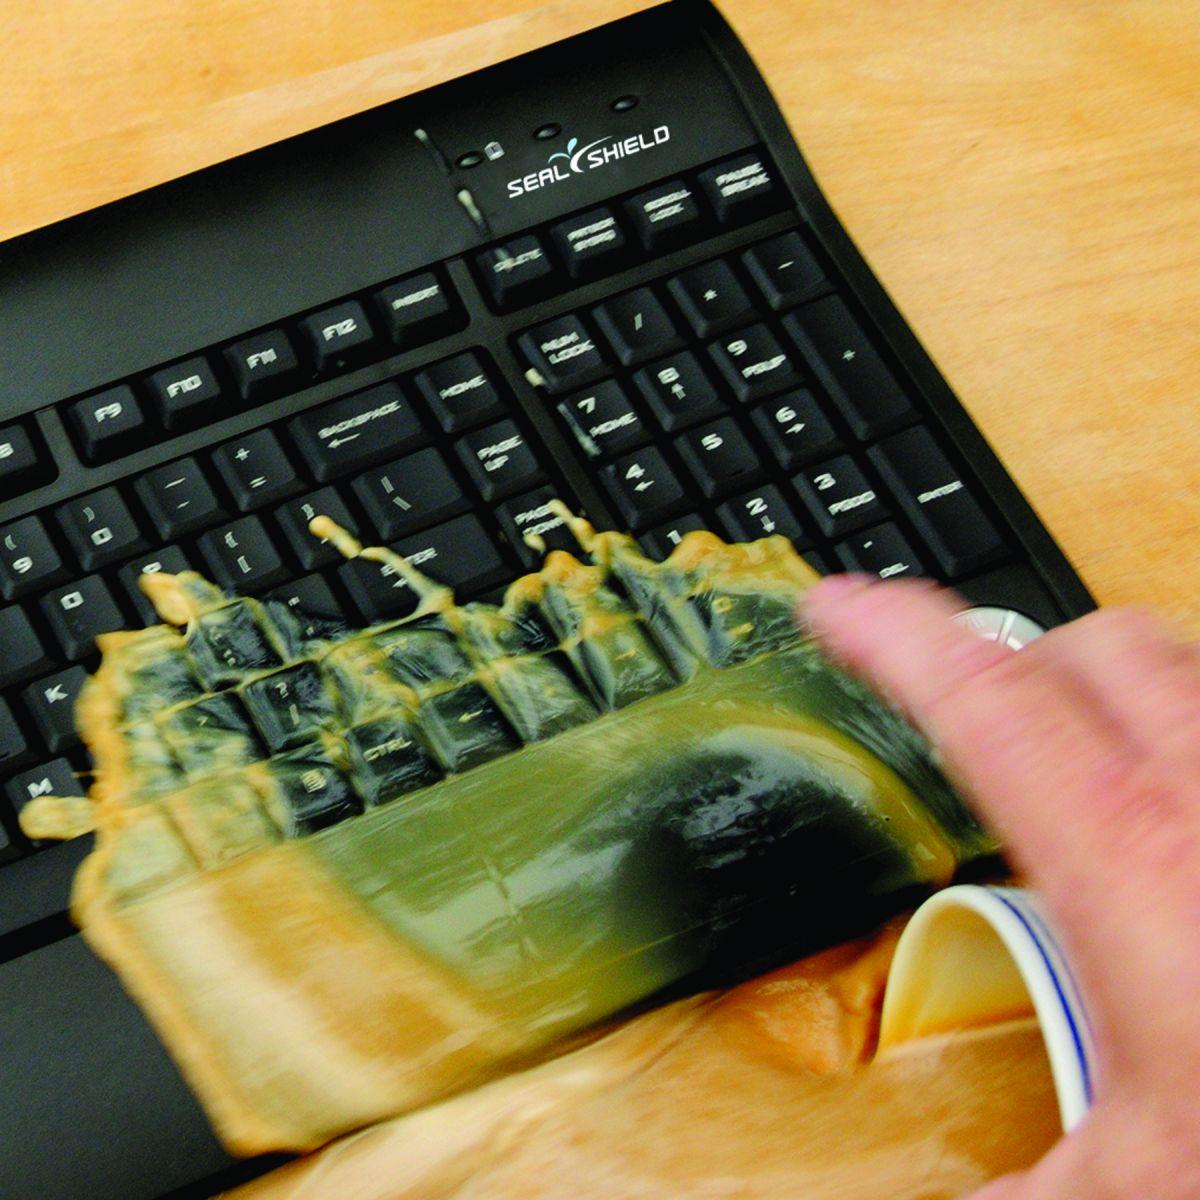 waterdicht toetsenbord zwart van het merk seal shield op de foto wordt een kopje koffie over het toetsenbord heen gegooid